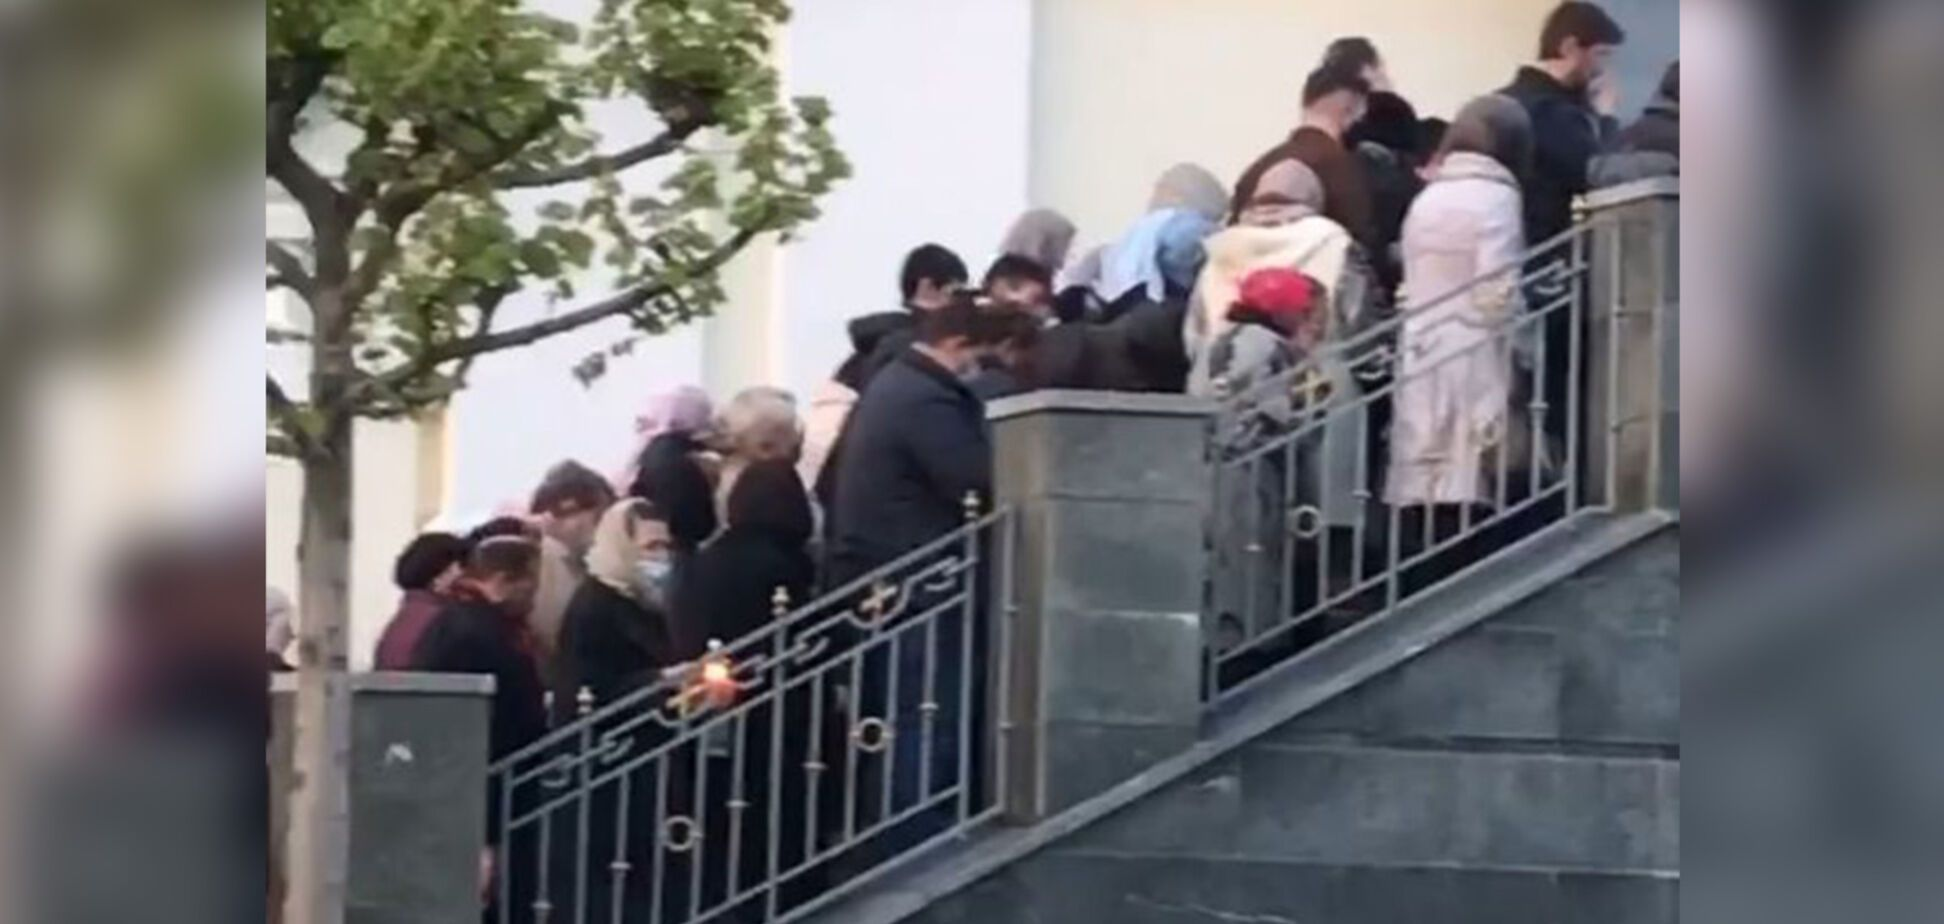 В Днепре толпа прихожан собрались у церкви, нарушив карантин. Фото